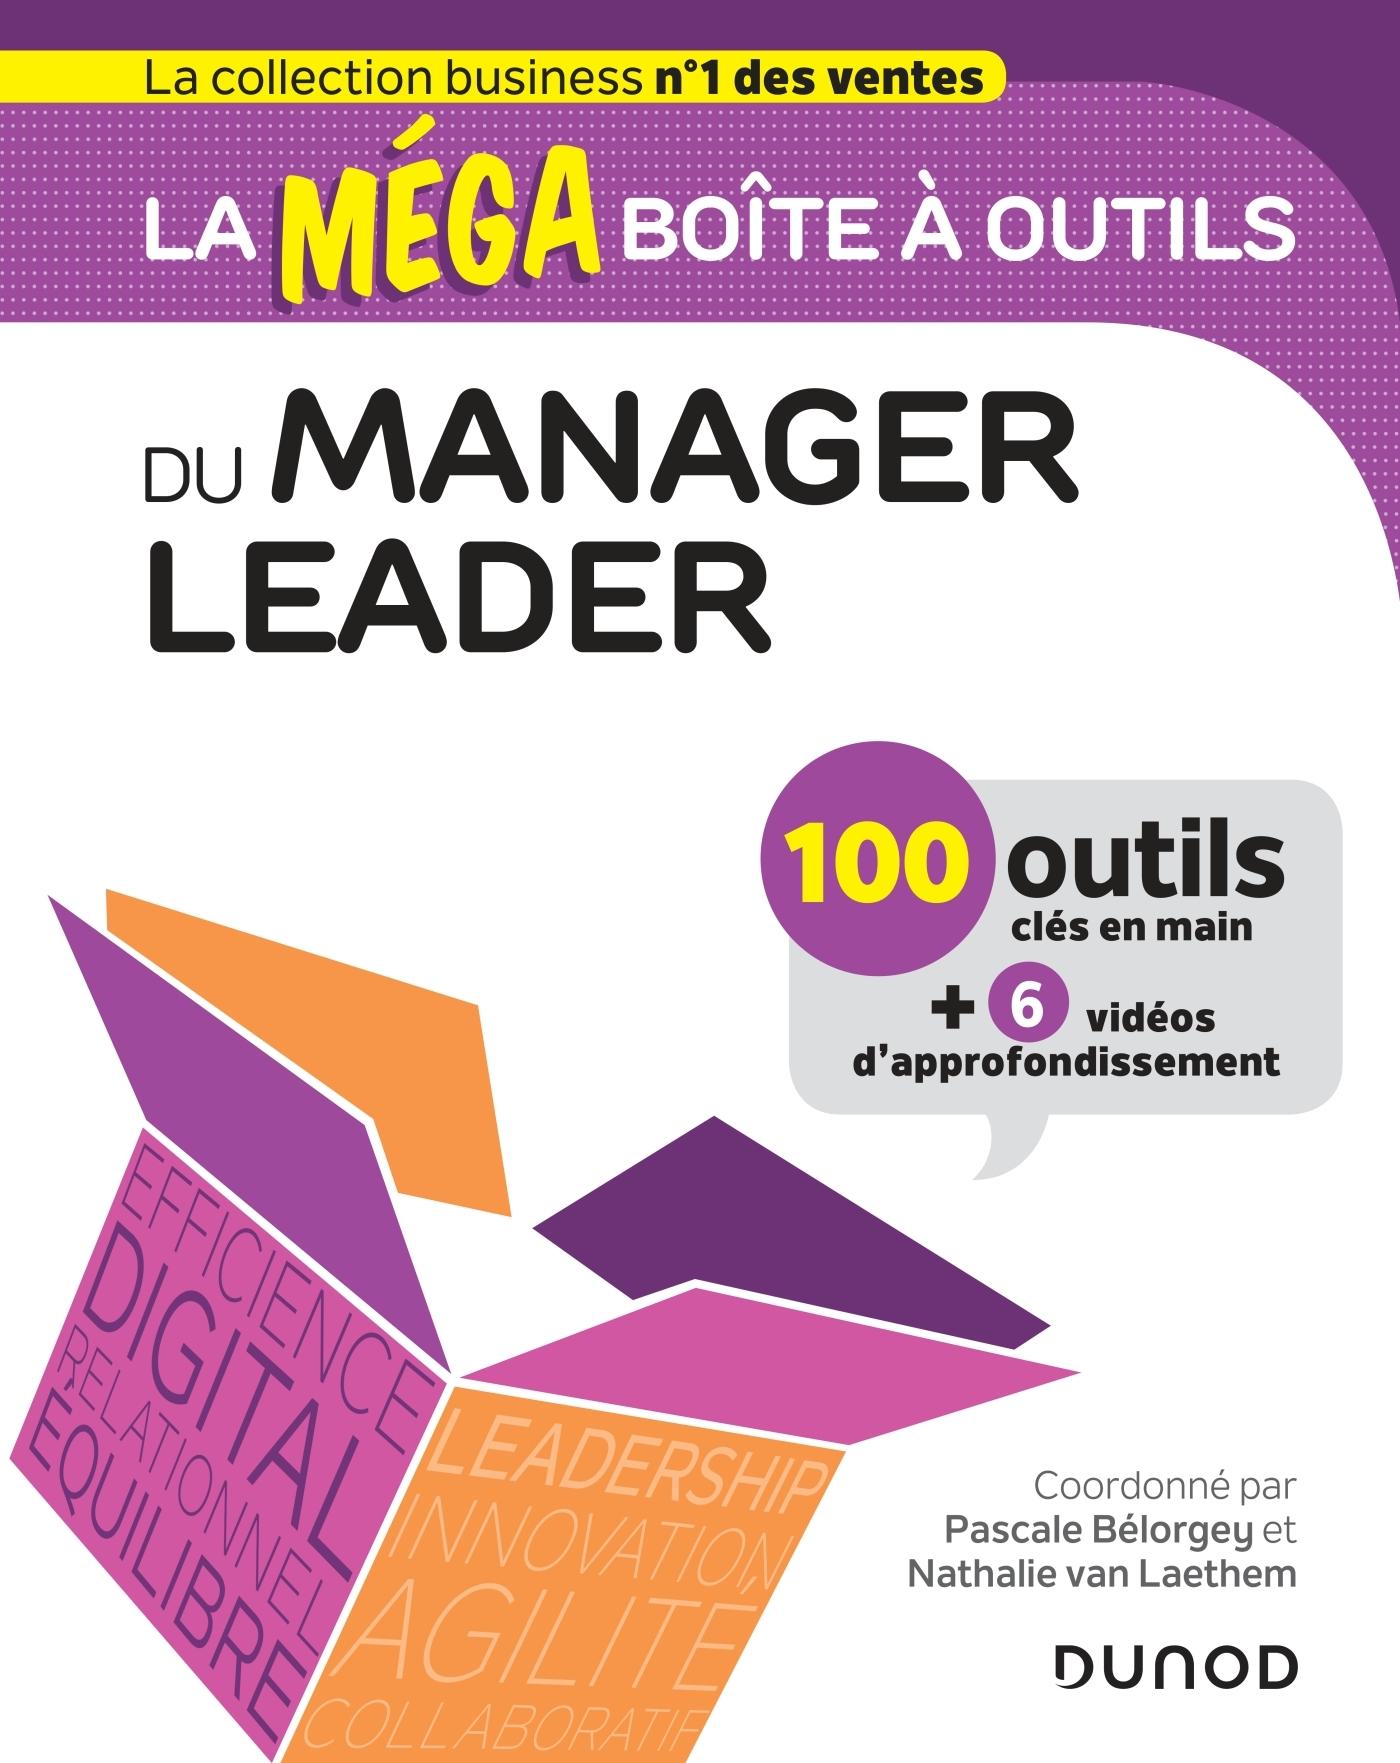 LA MEGA BOITE A OUTILS DU MANAGER LEADER - 100 OUTILS